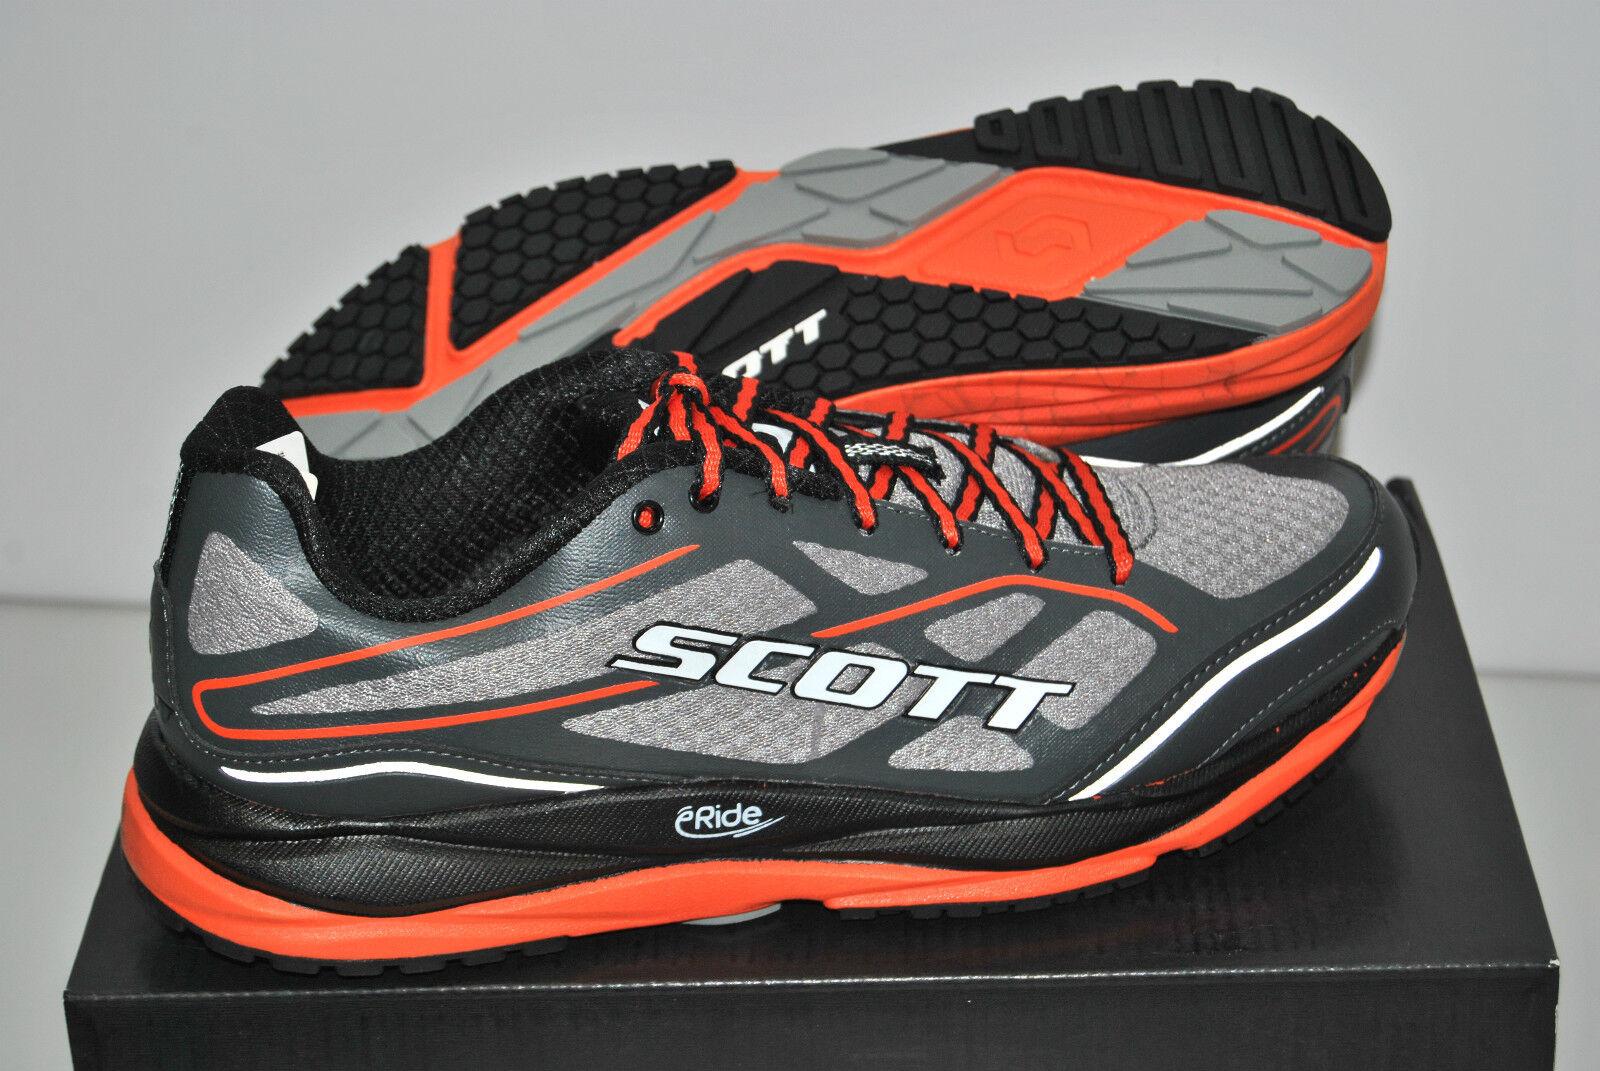 Laufschuhe SCOTT SCOTT Laufschuhe AF+ Unterstützung Grau/Orange/Schuhes AF+ Grau/Orange 282b98